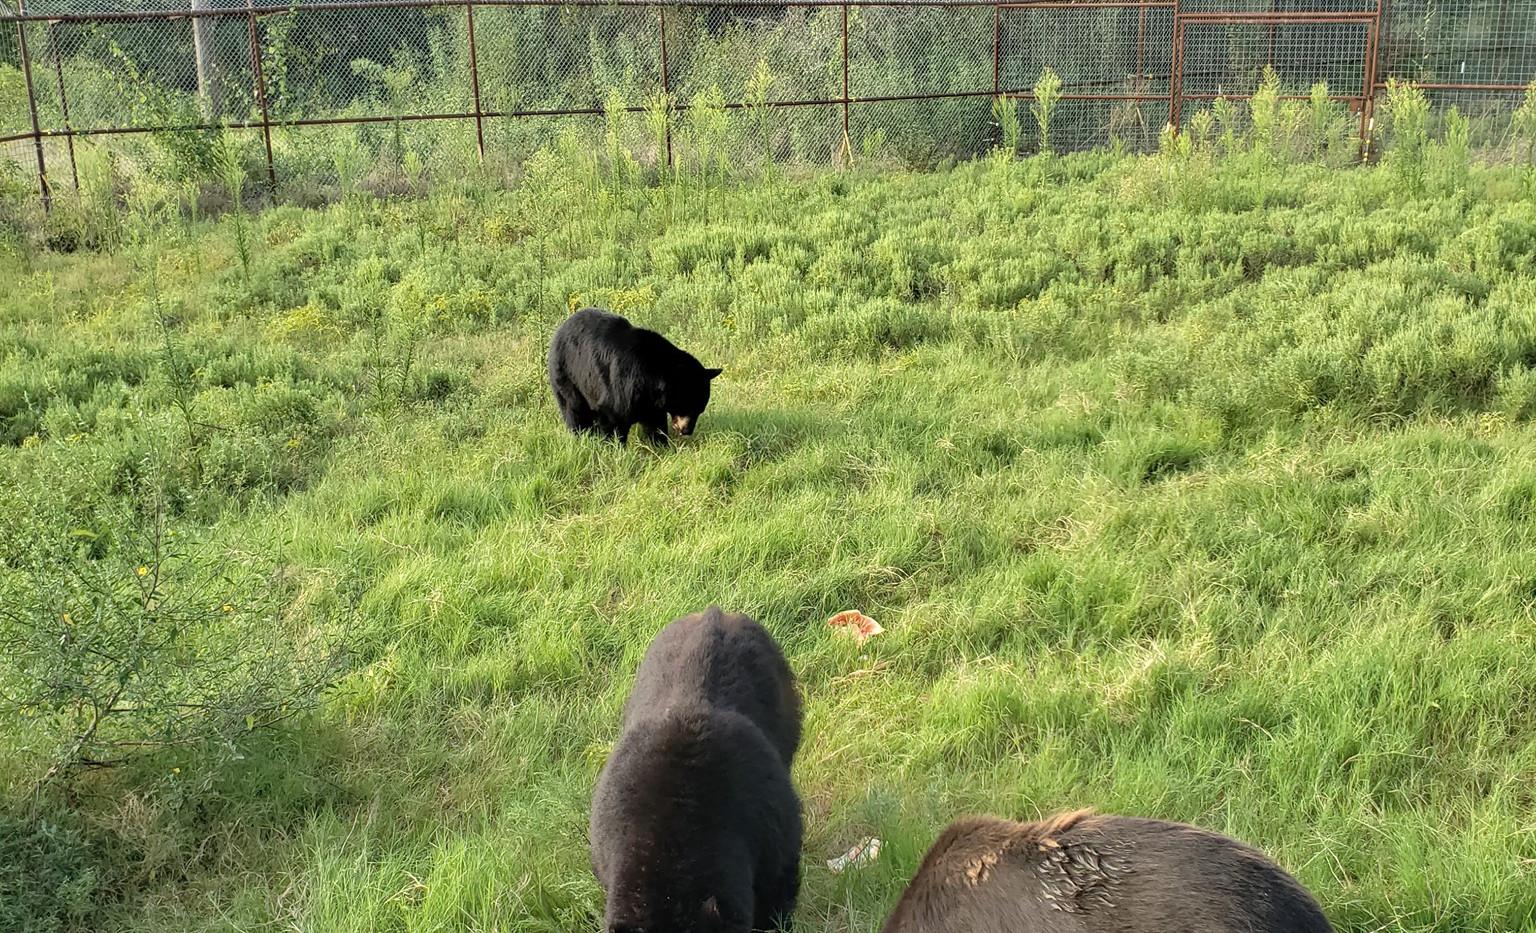 Rescued Black Bears